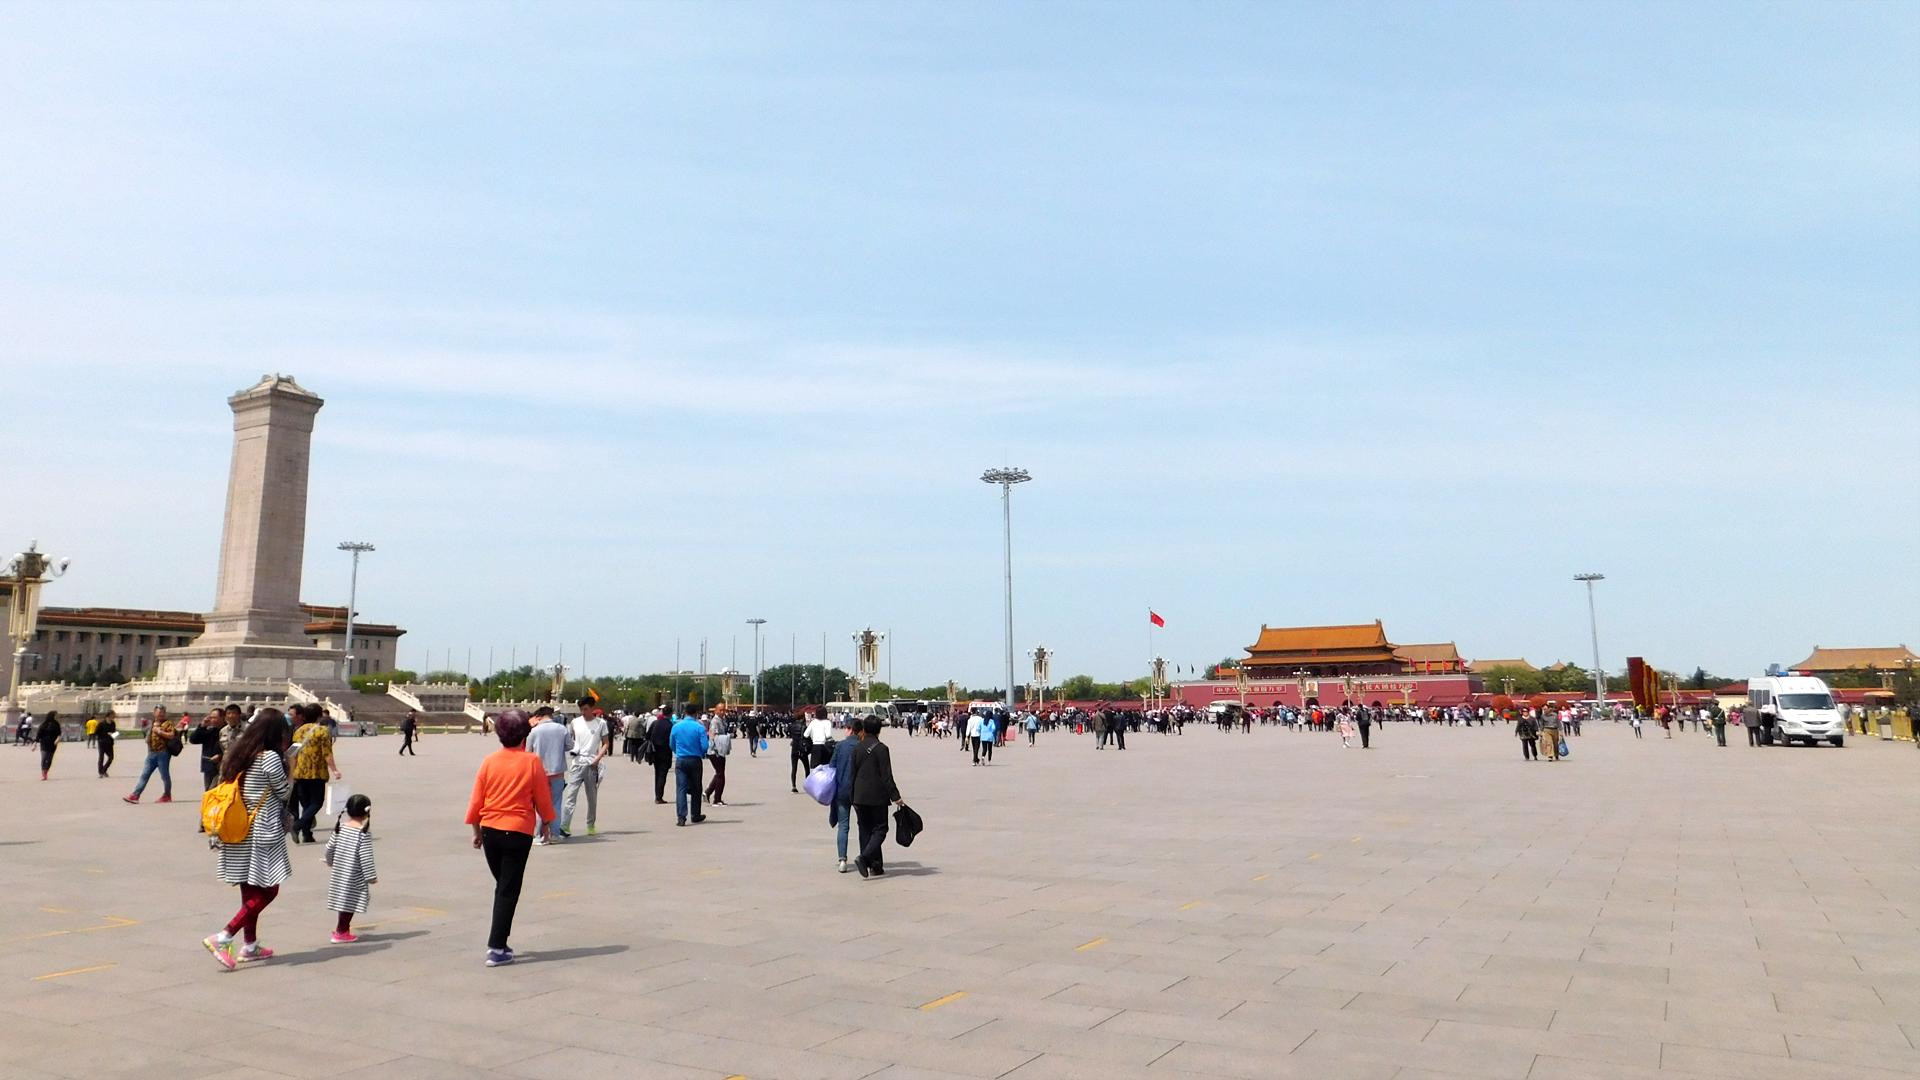 Der Tian'anmen Square mit Sicht auf den Eingang zur Verbotenen Stadt, den Tian'anmen Tower